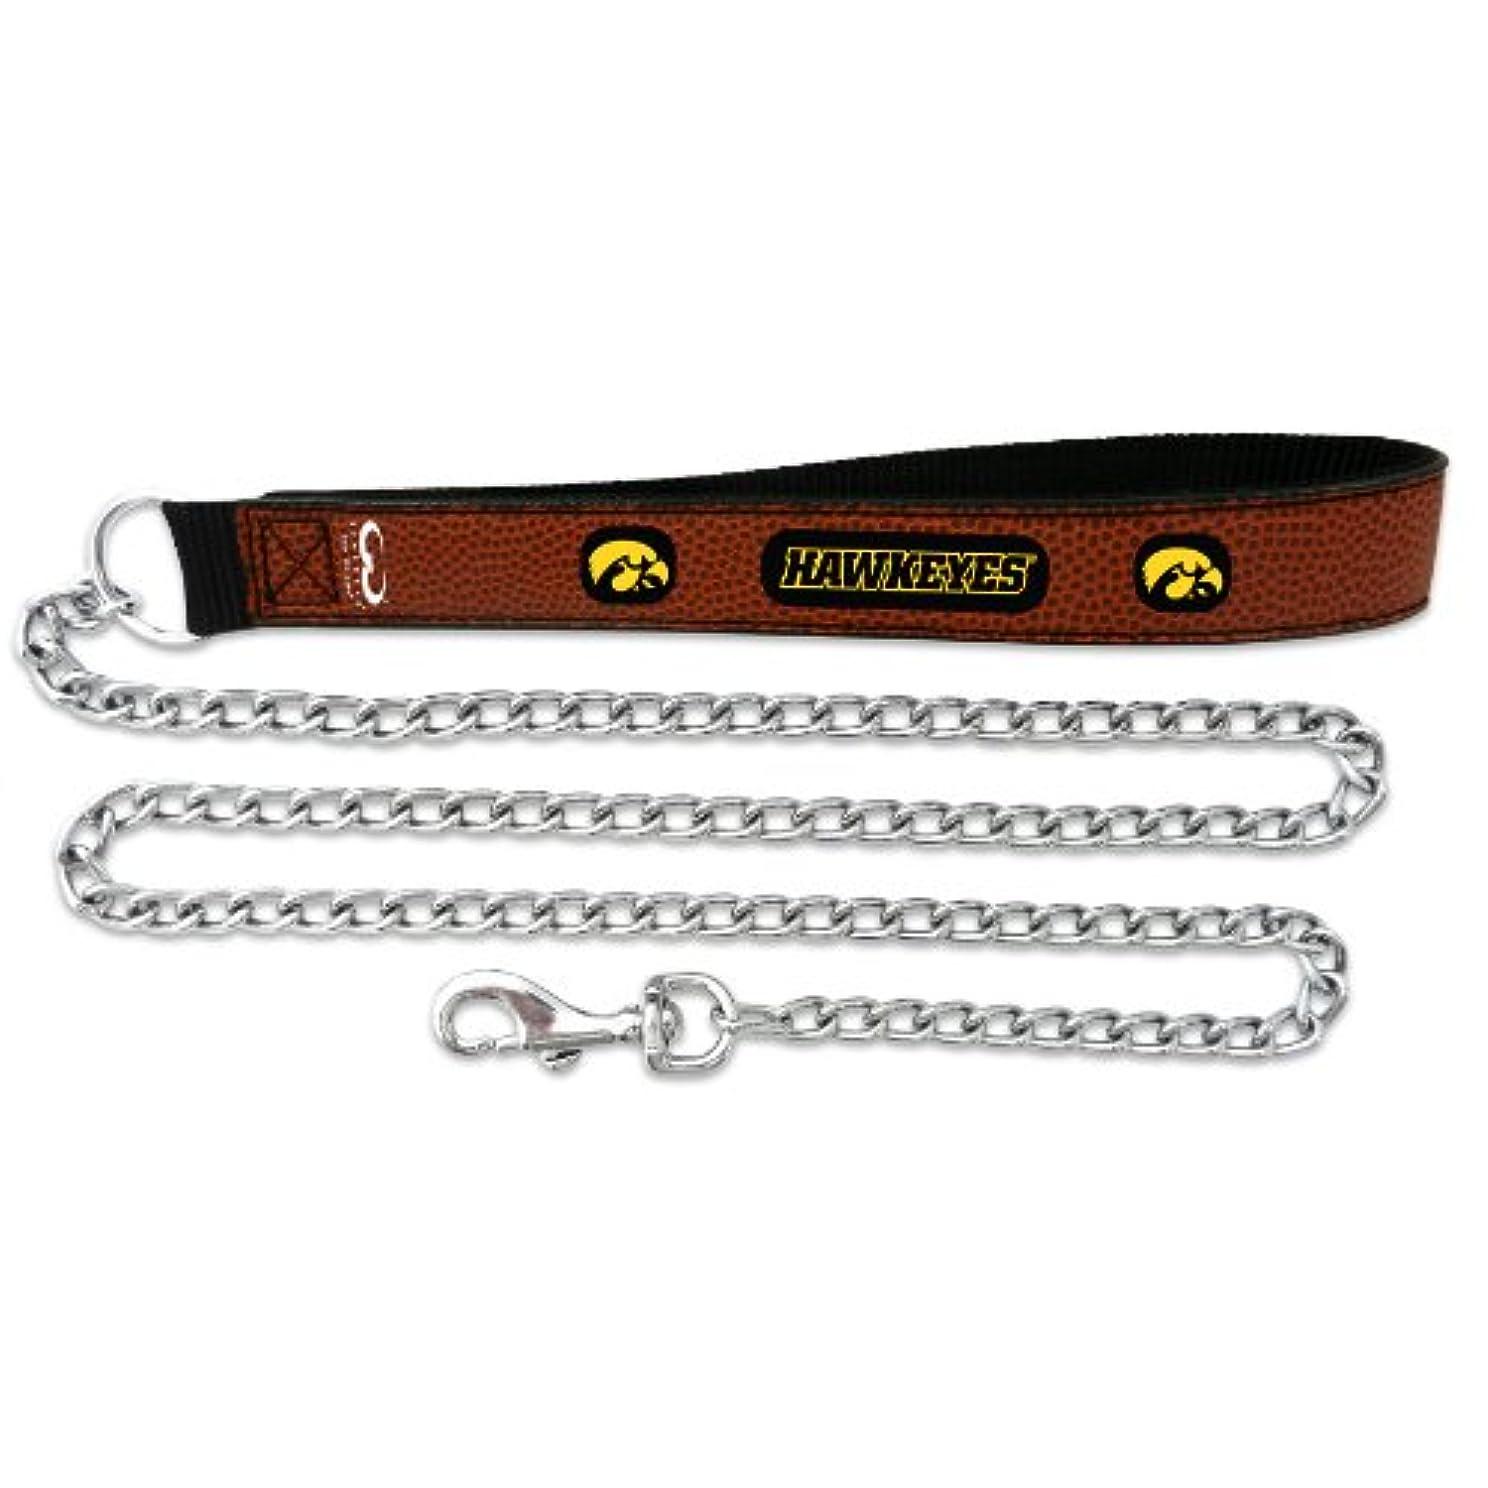 脚本膜のホストIowa Hawkeyes Football Leather 2.5mm Chain Leash - M